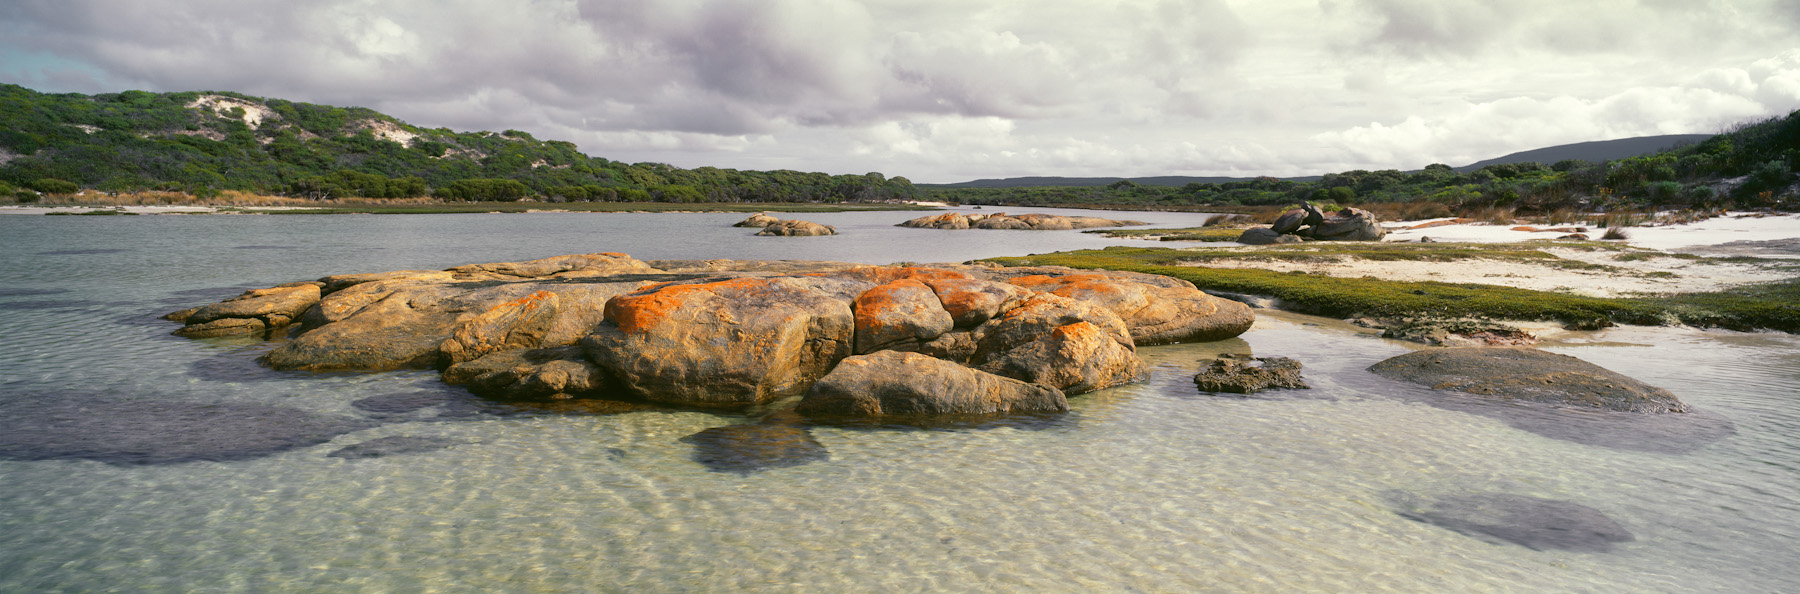 jorndee-creek-cape-arid-np.jpg